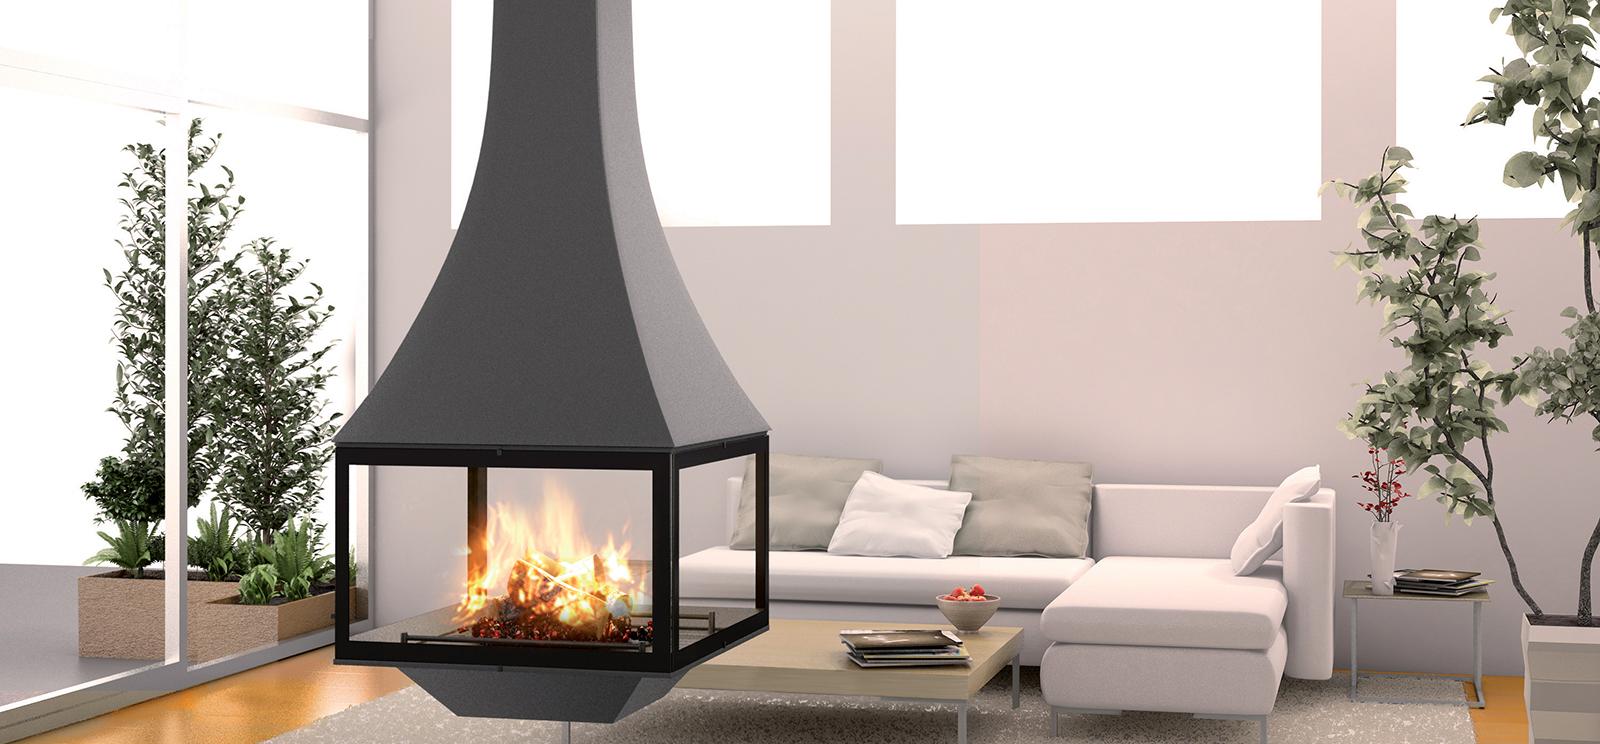 cheminée métallique: pour un intérieur moderne   jc bordelet